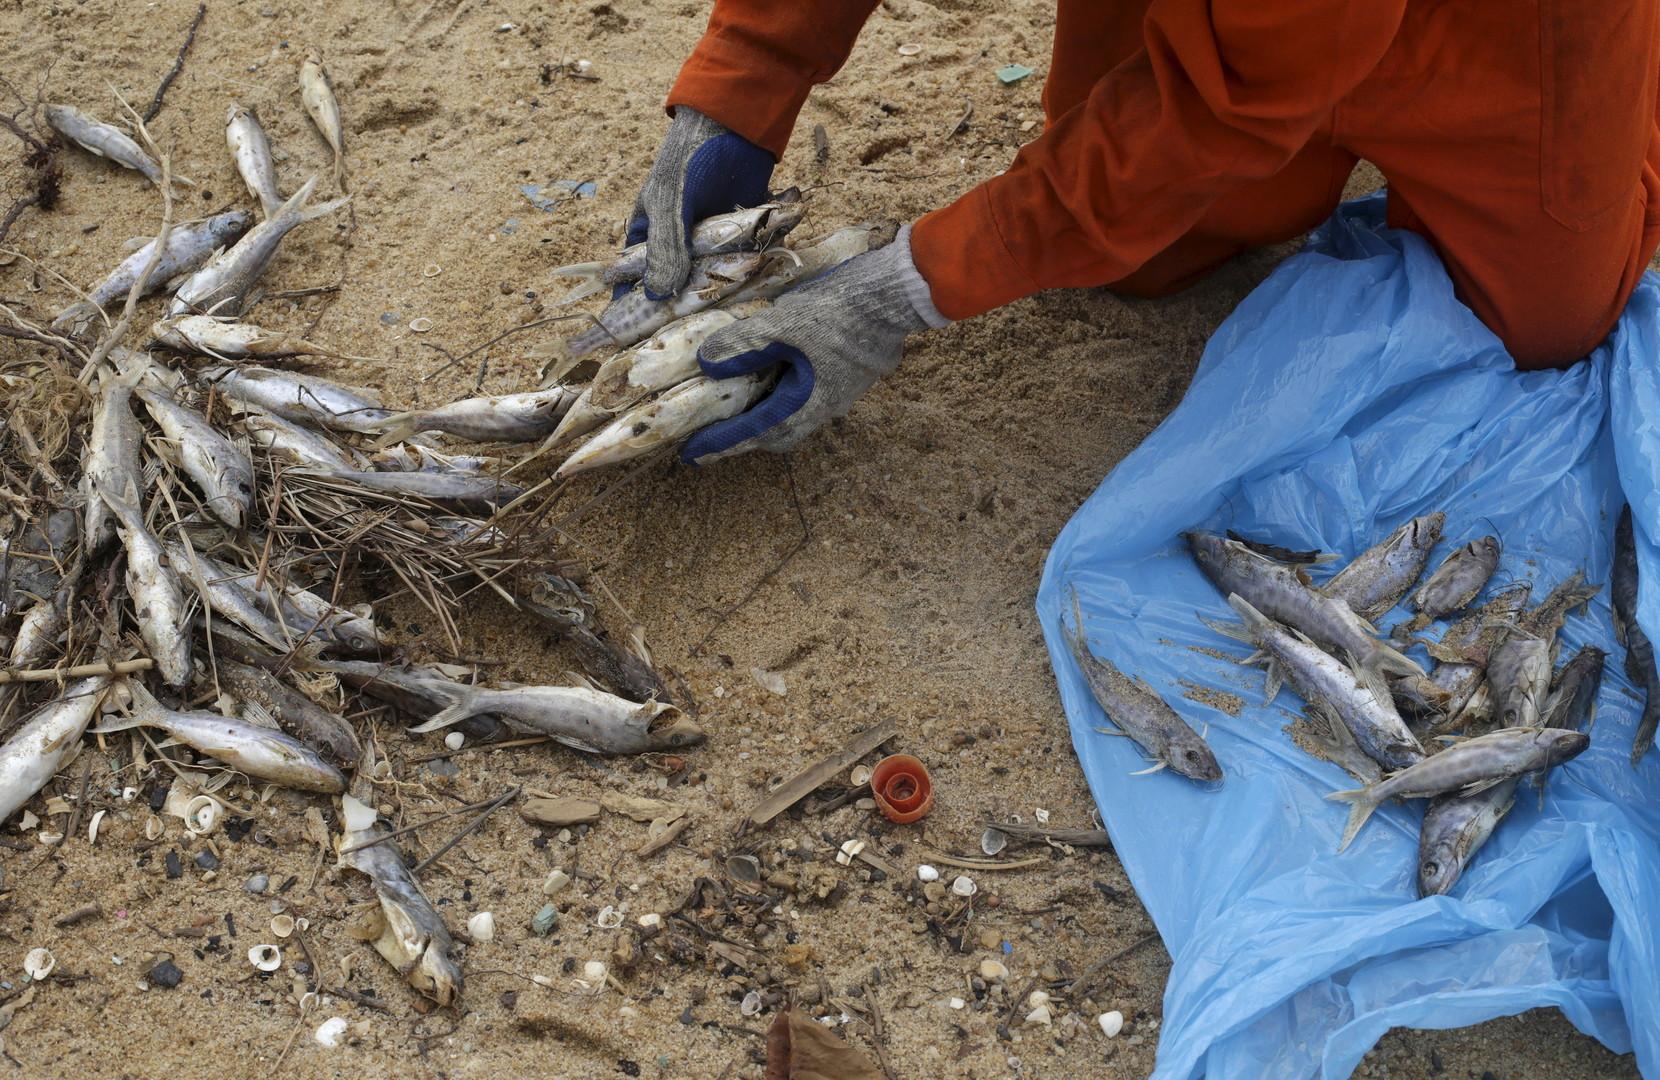 Ein lokaler Fischer entsorgt Fischkadaver, nachdem sich 62 Millionen Kubikmeter hochgiftigen, mit Arsen, Blei, Kupfer und Quecksilber verseuchten Schlamms in die Landschaft und den Rio Doce ergossen